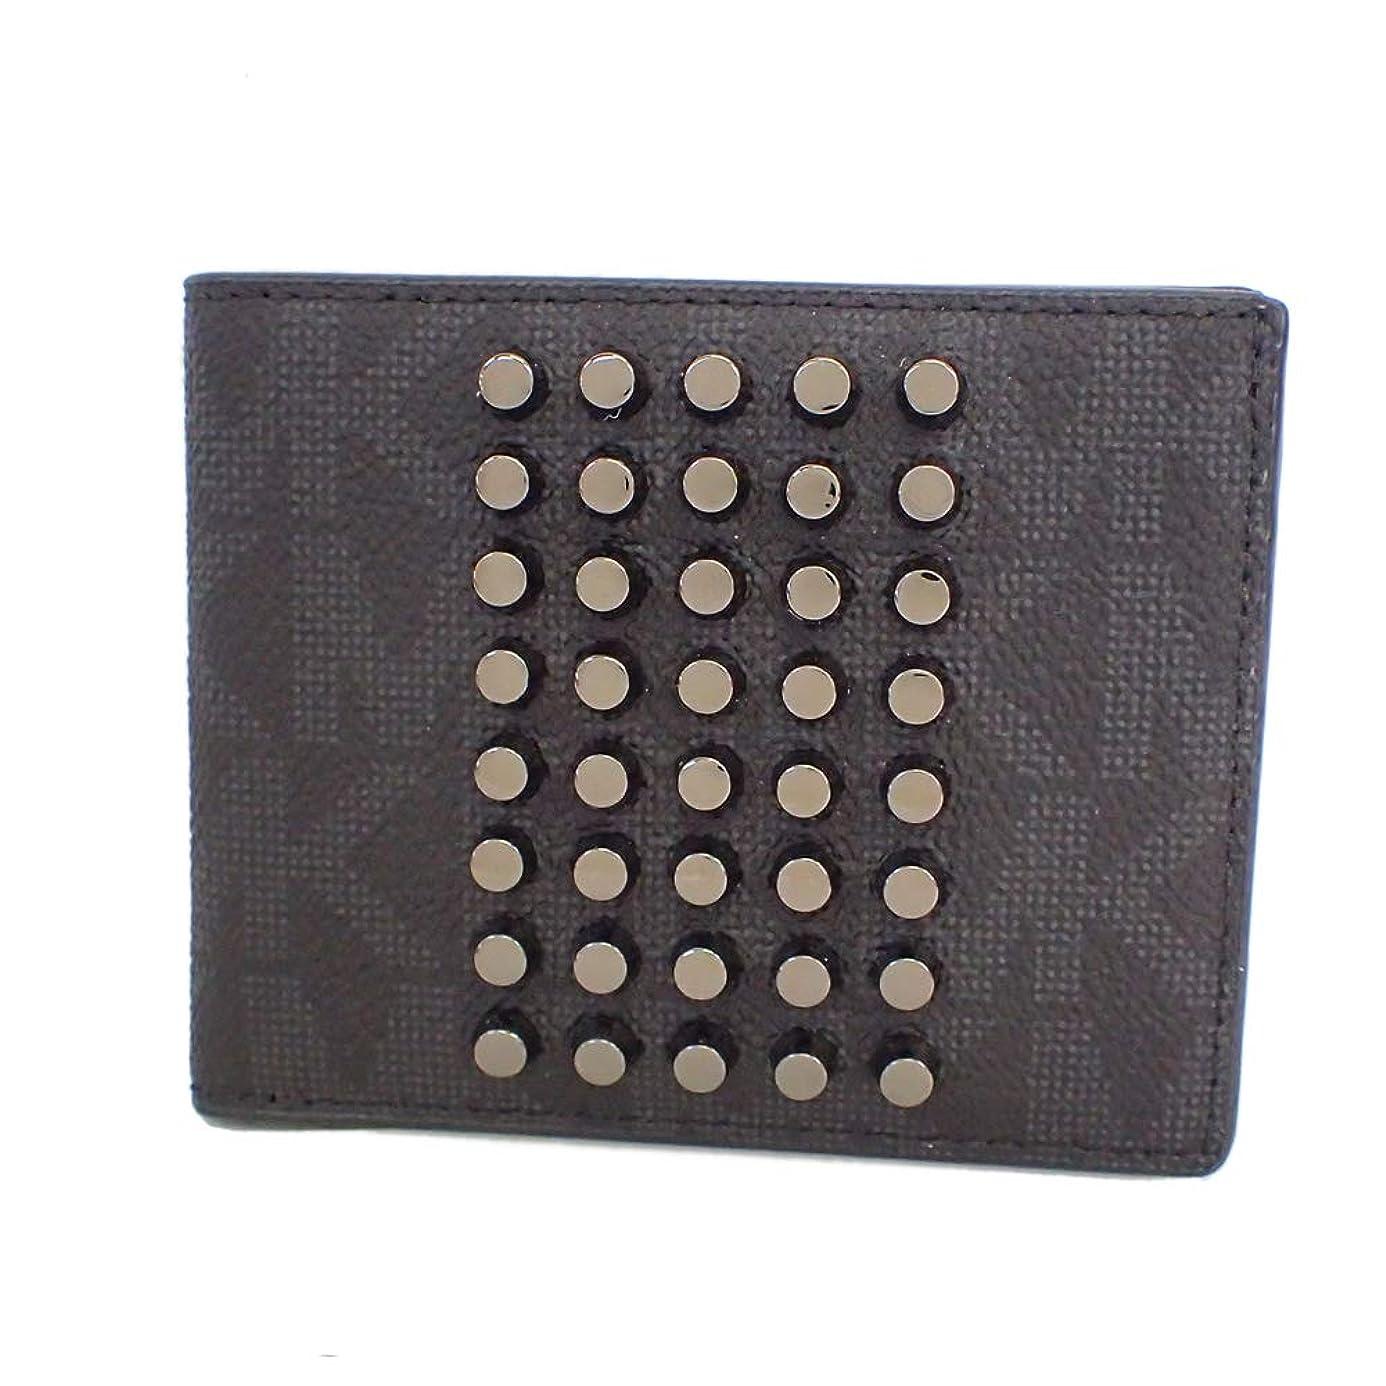 添加小麦粉交渉するマイケルコース 財布 折り財布 札入れ カード入れ ロゴ スタッズ [未使用]並行輸入品 [並行輸入品]